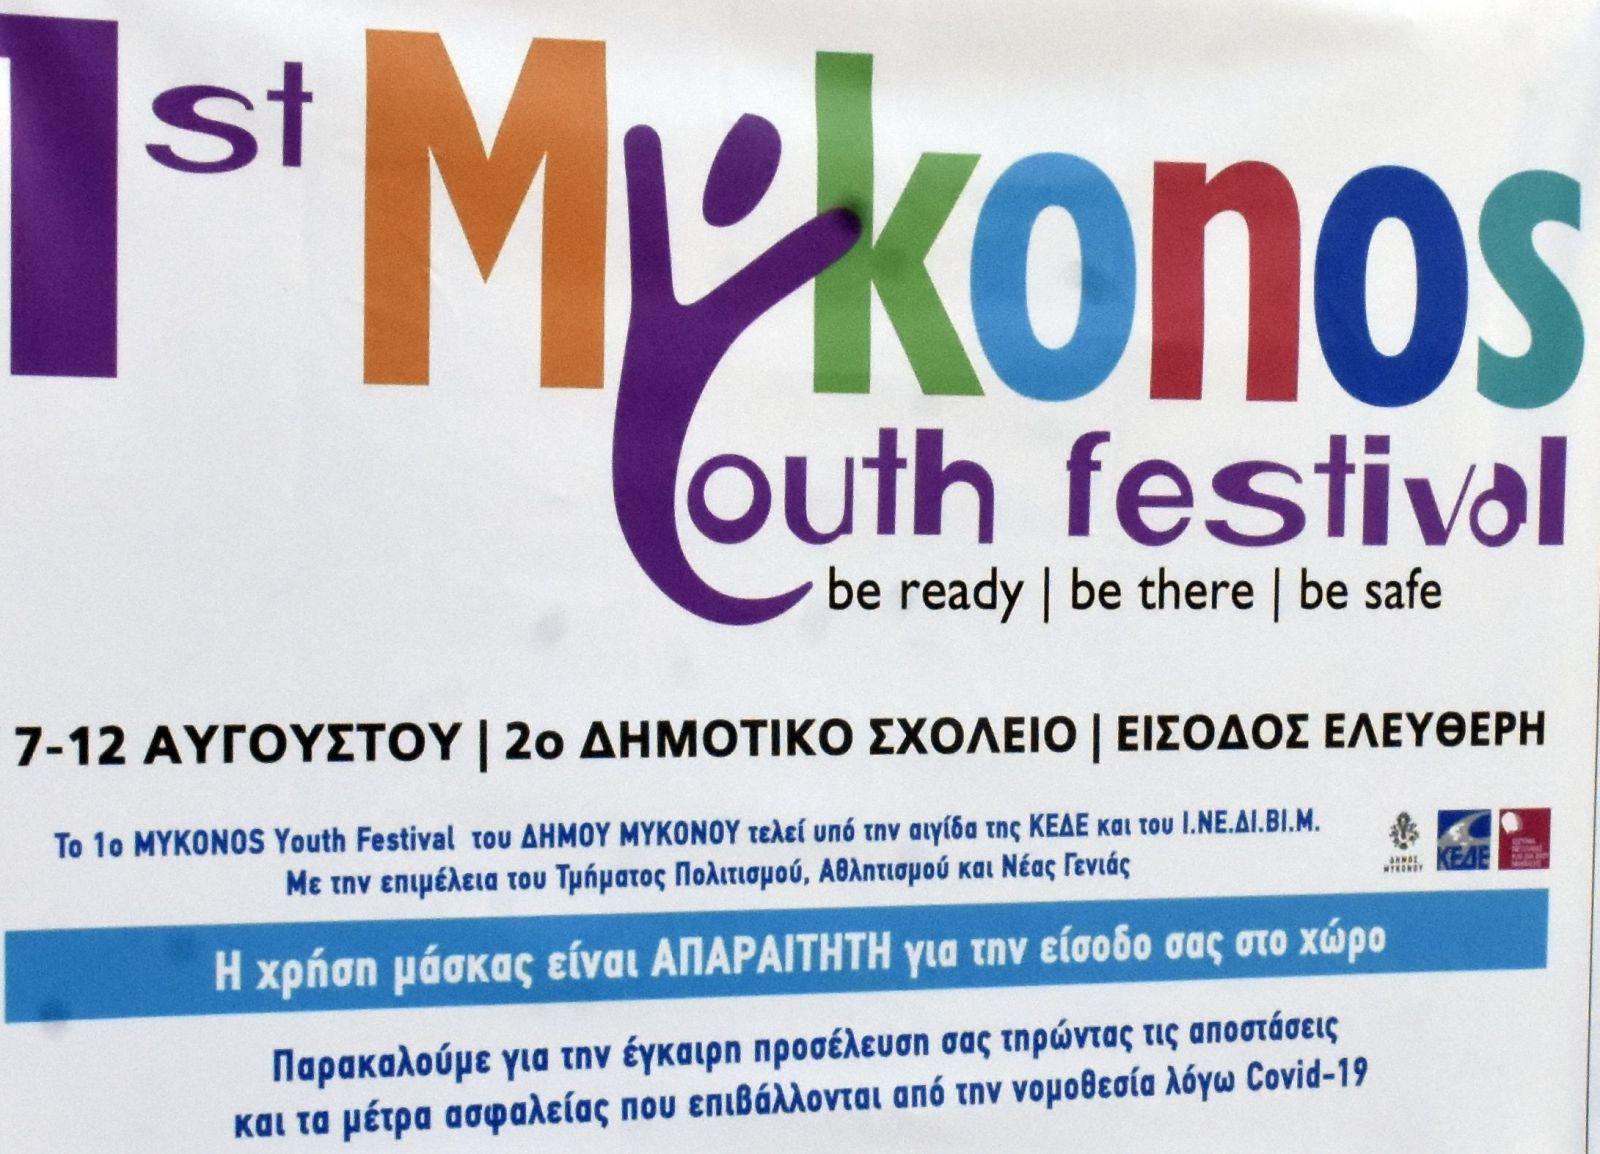 Εργαστήρια Δημιουργικής απασχόλησης, Προσκοπικό παιχνίδι, Circus Workshop, Basketball Camp και Παιδικό Θέατρο τη 2η μέρα του Mykonos Youth Festival